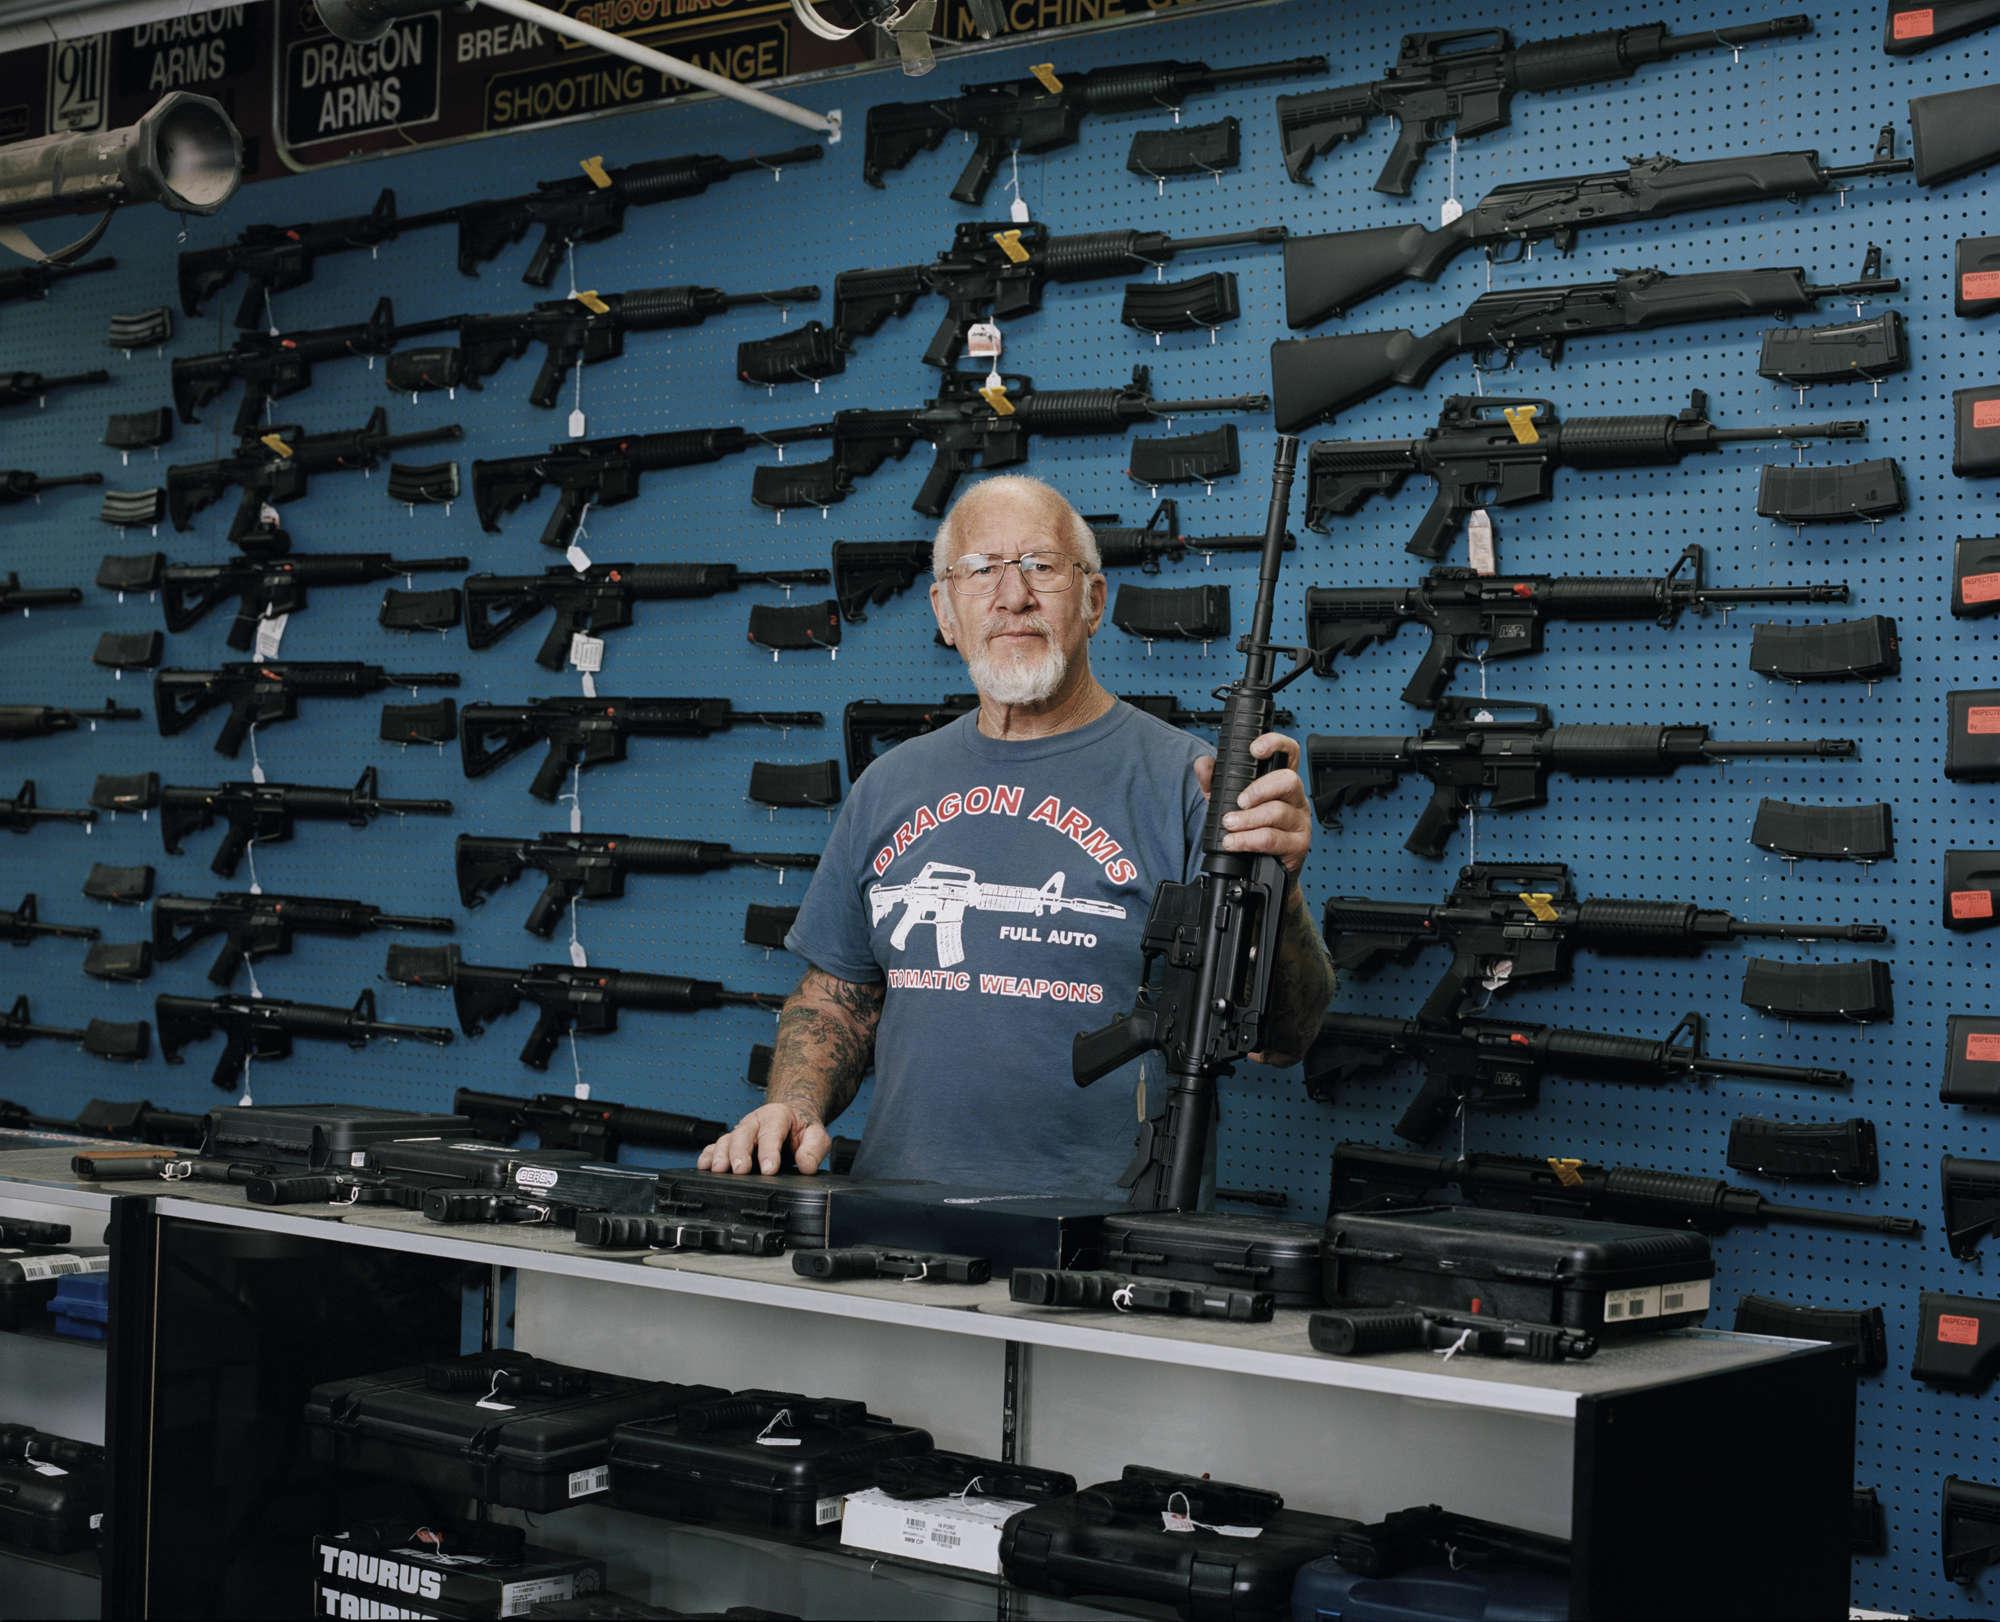 En 2016, Mel Bernstein tient toujours son armurerie Dragon Arms à Colorado Spring. En 2016, il dit : « les deux armes qui se vendent le mieux sont les fusils d'assaut AK-47 et le AR-15. Ce sont des armes militaires. Mais ce ne sont pas les armes qui tuent les gens». Au Colorado, la loi sur les armes à feu s'est durcie.